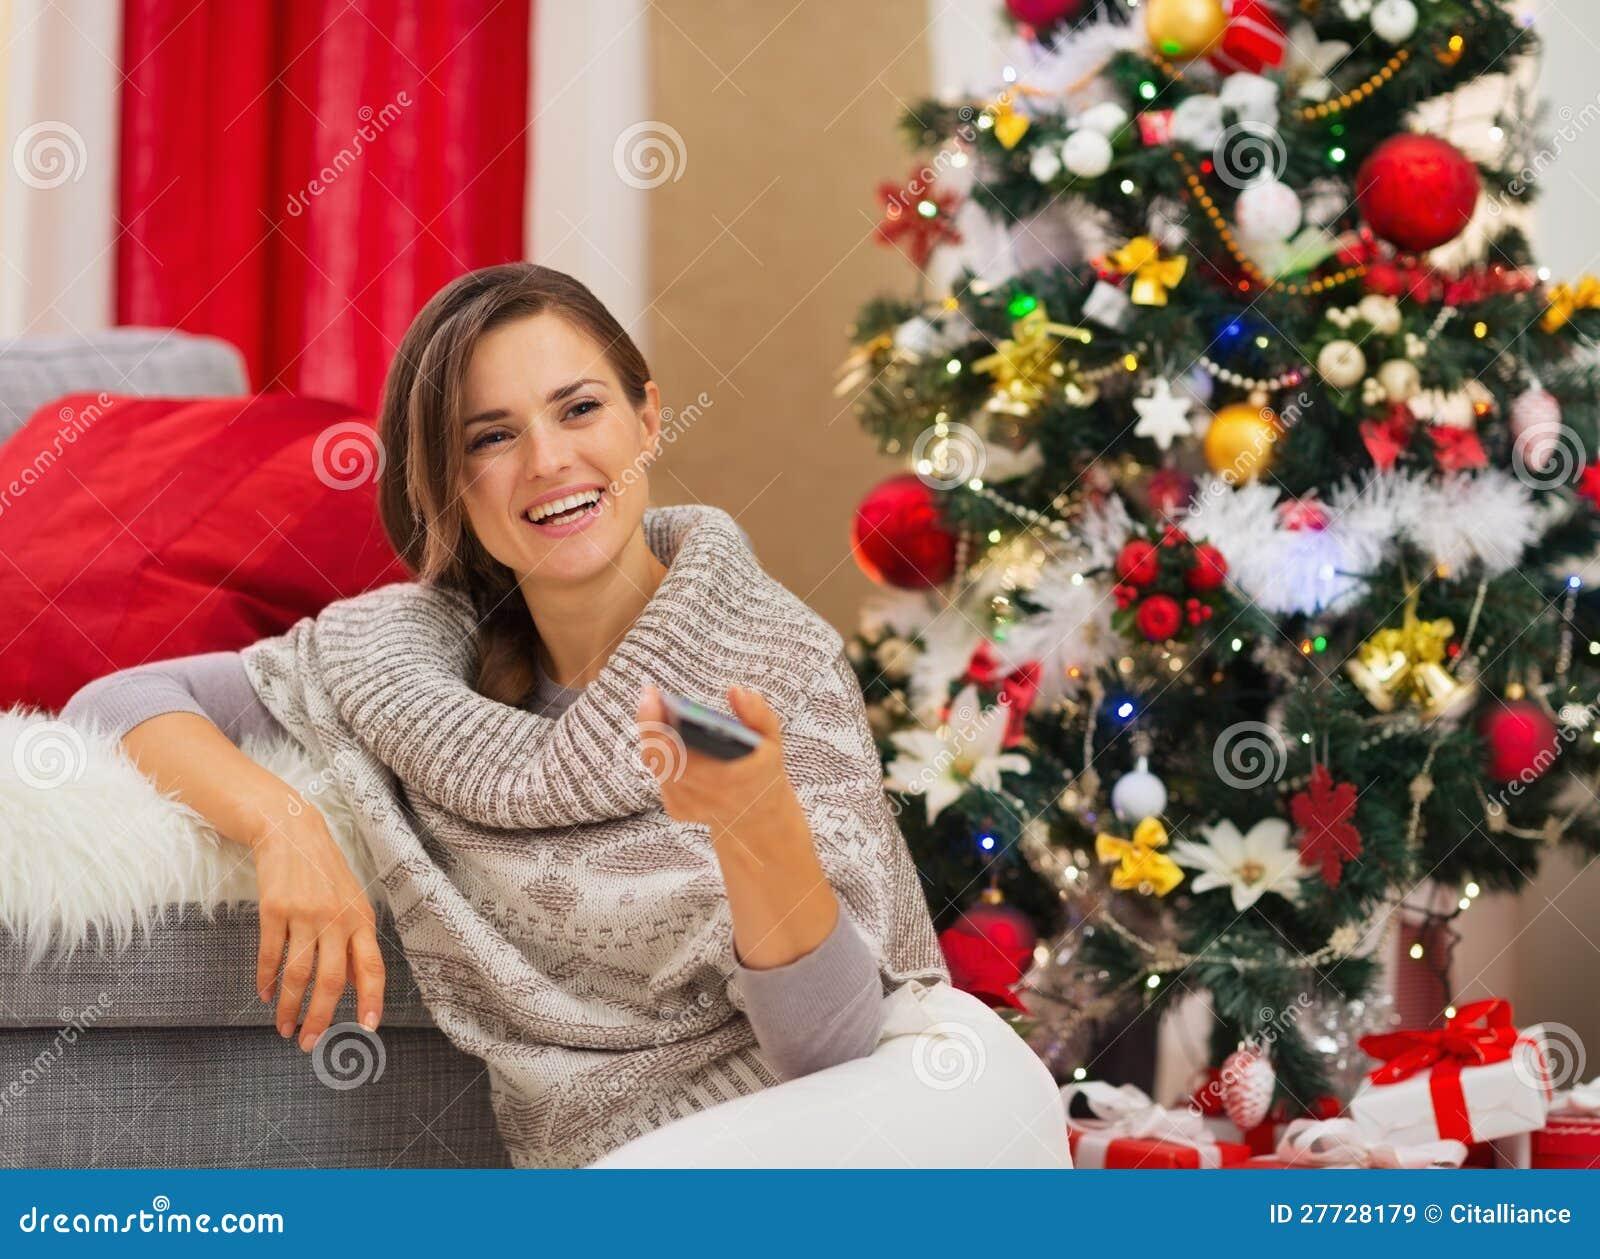 Glückliche Frau, die Nahe Weihnachtsbaum fernsieht